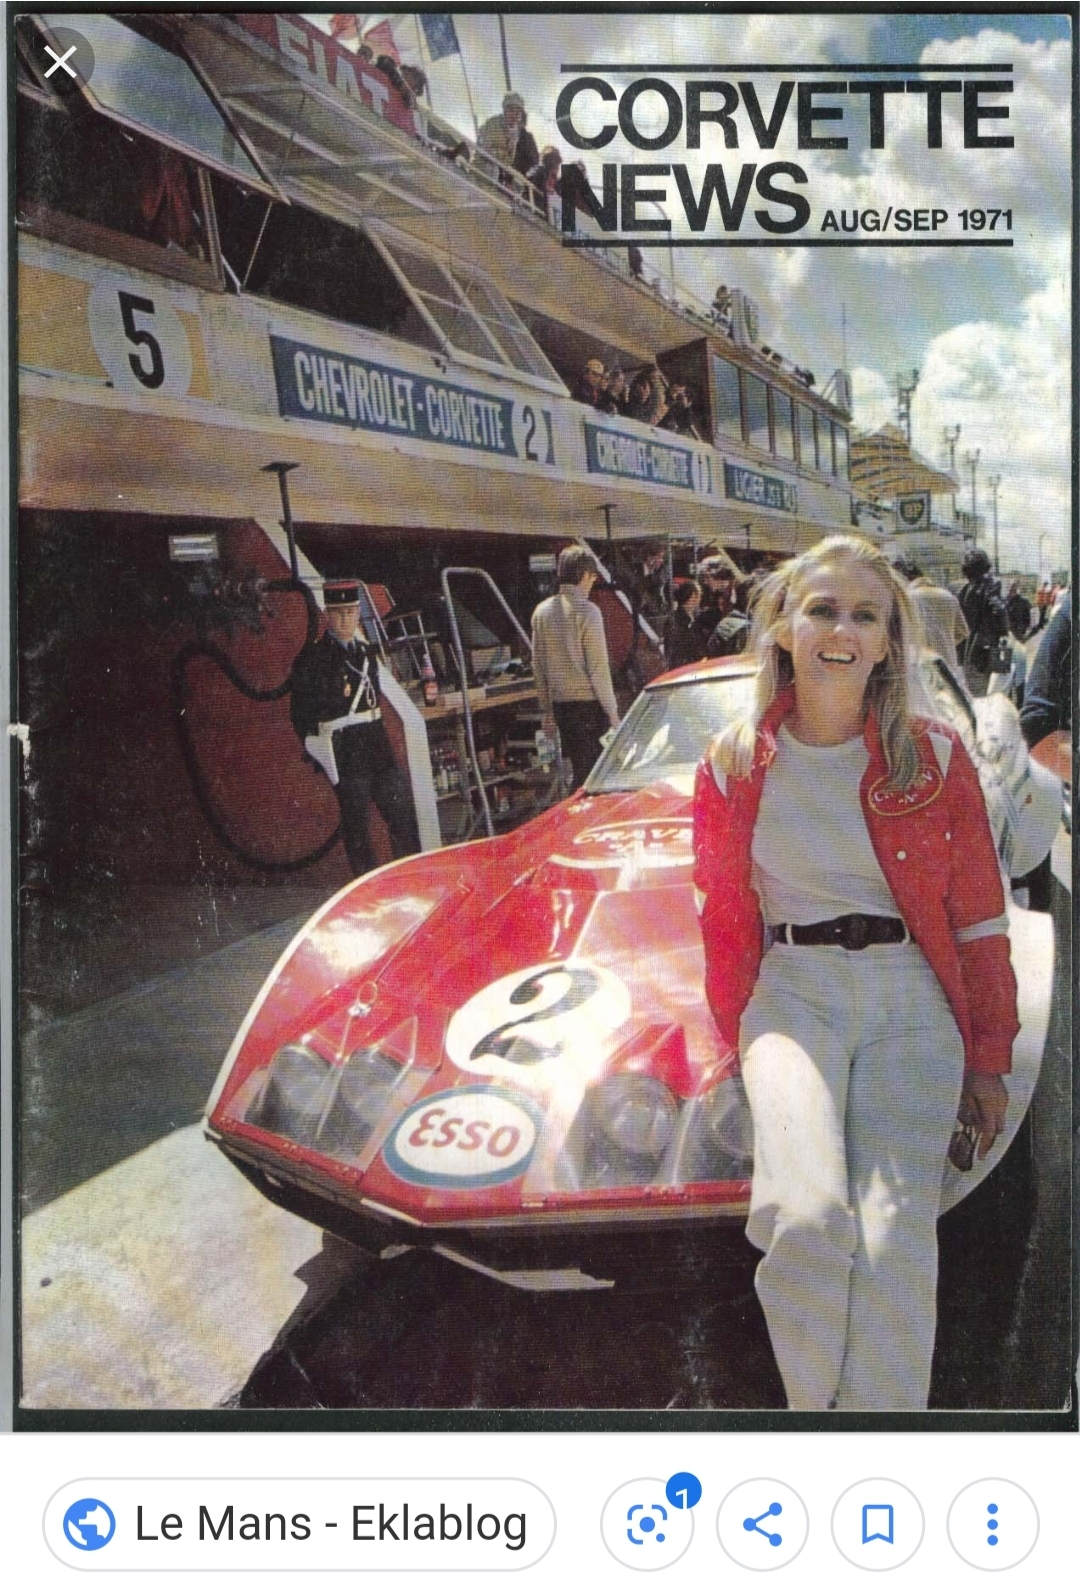 Courtesy of Le Mans Eklablog